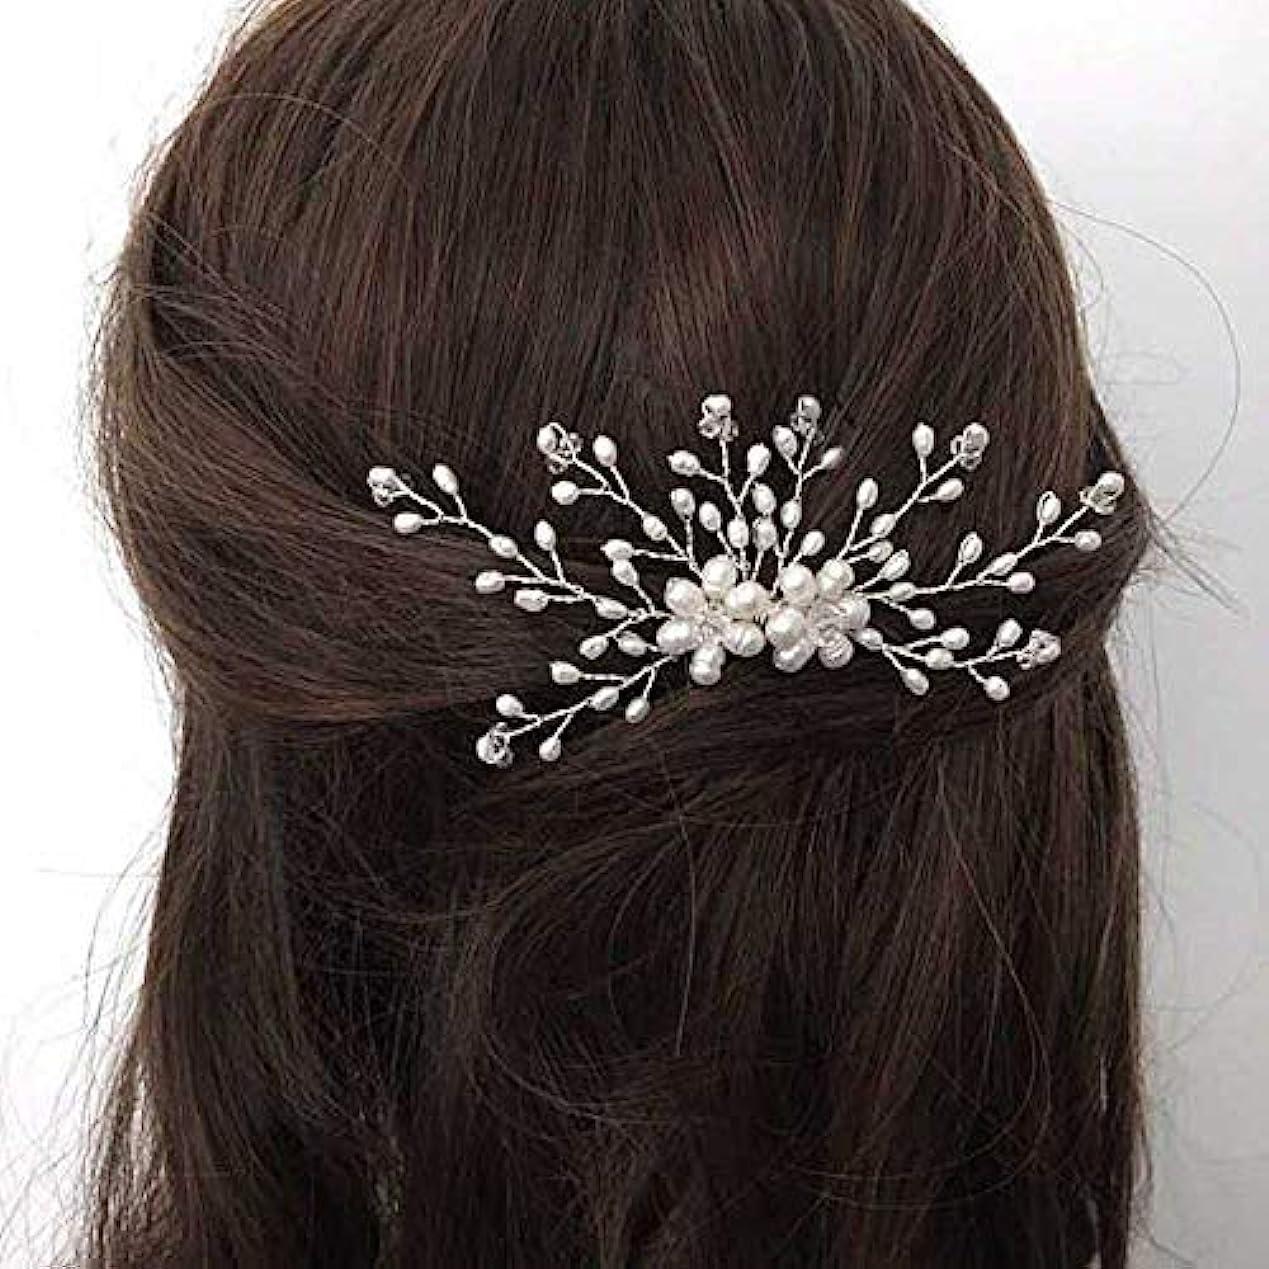 不正確いじめっ子ボトルJovono Bride Wedding Hair Comb Bridal Headpieces Beaded Hair Accessories with Crystal for Women and Girls (Silver...